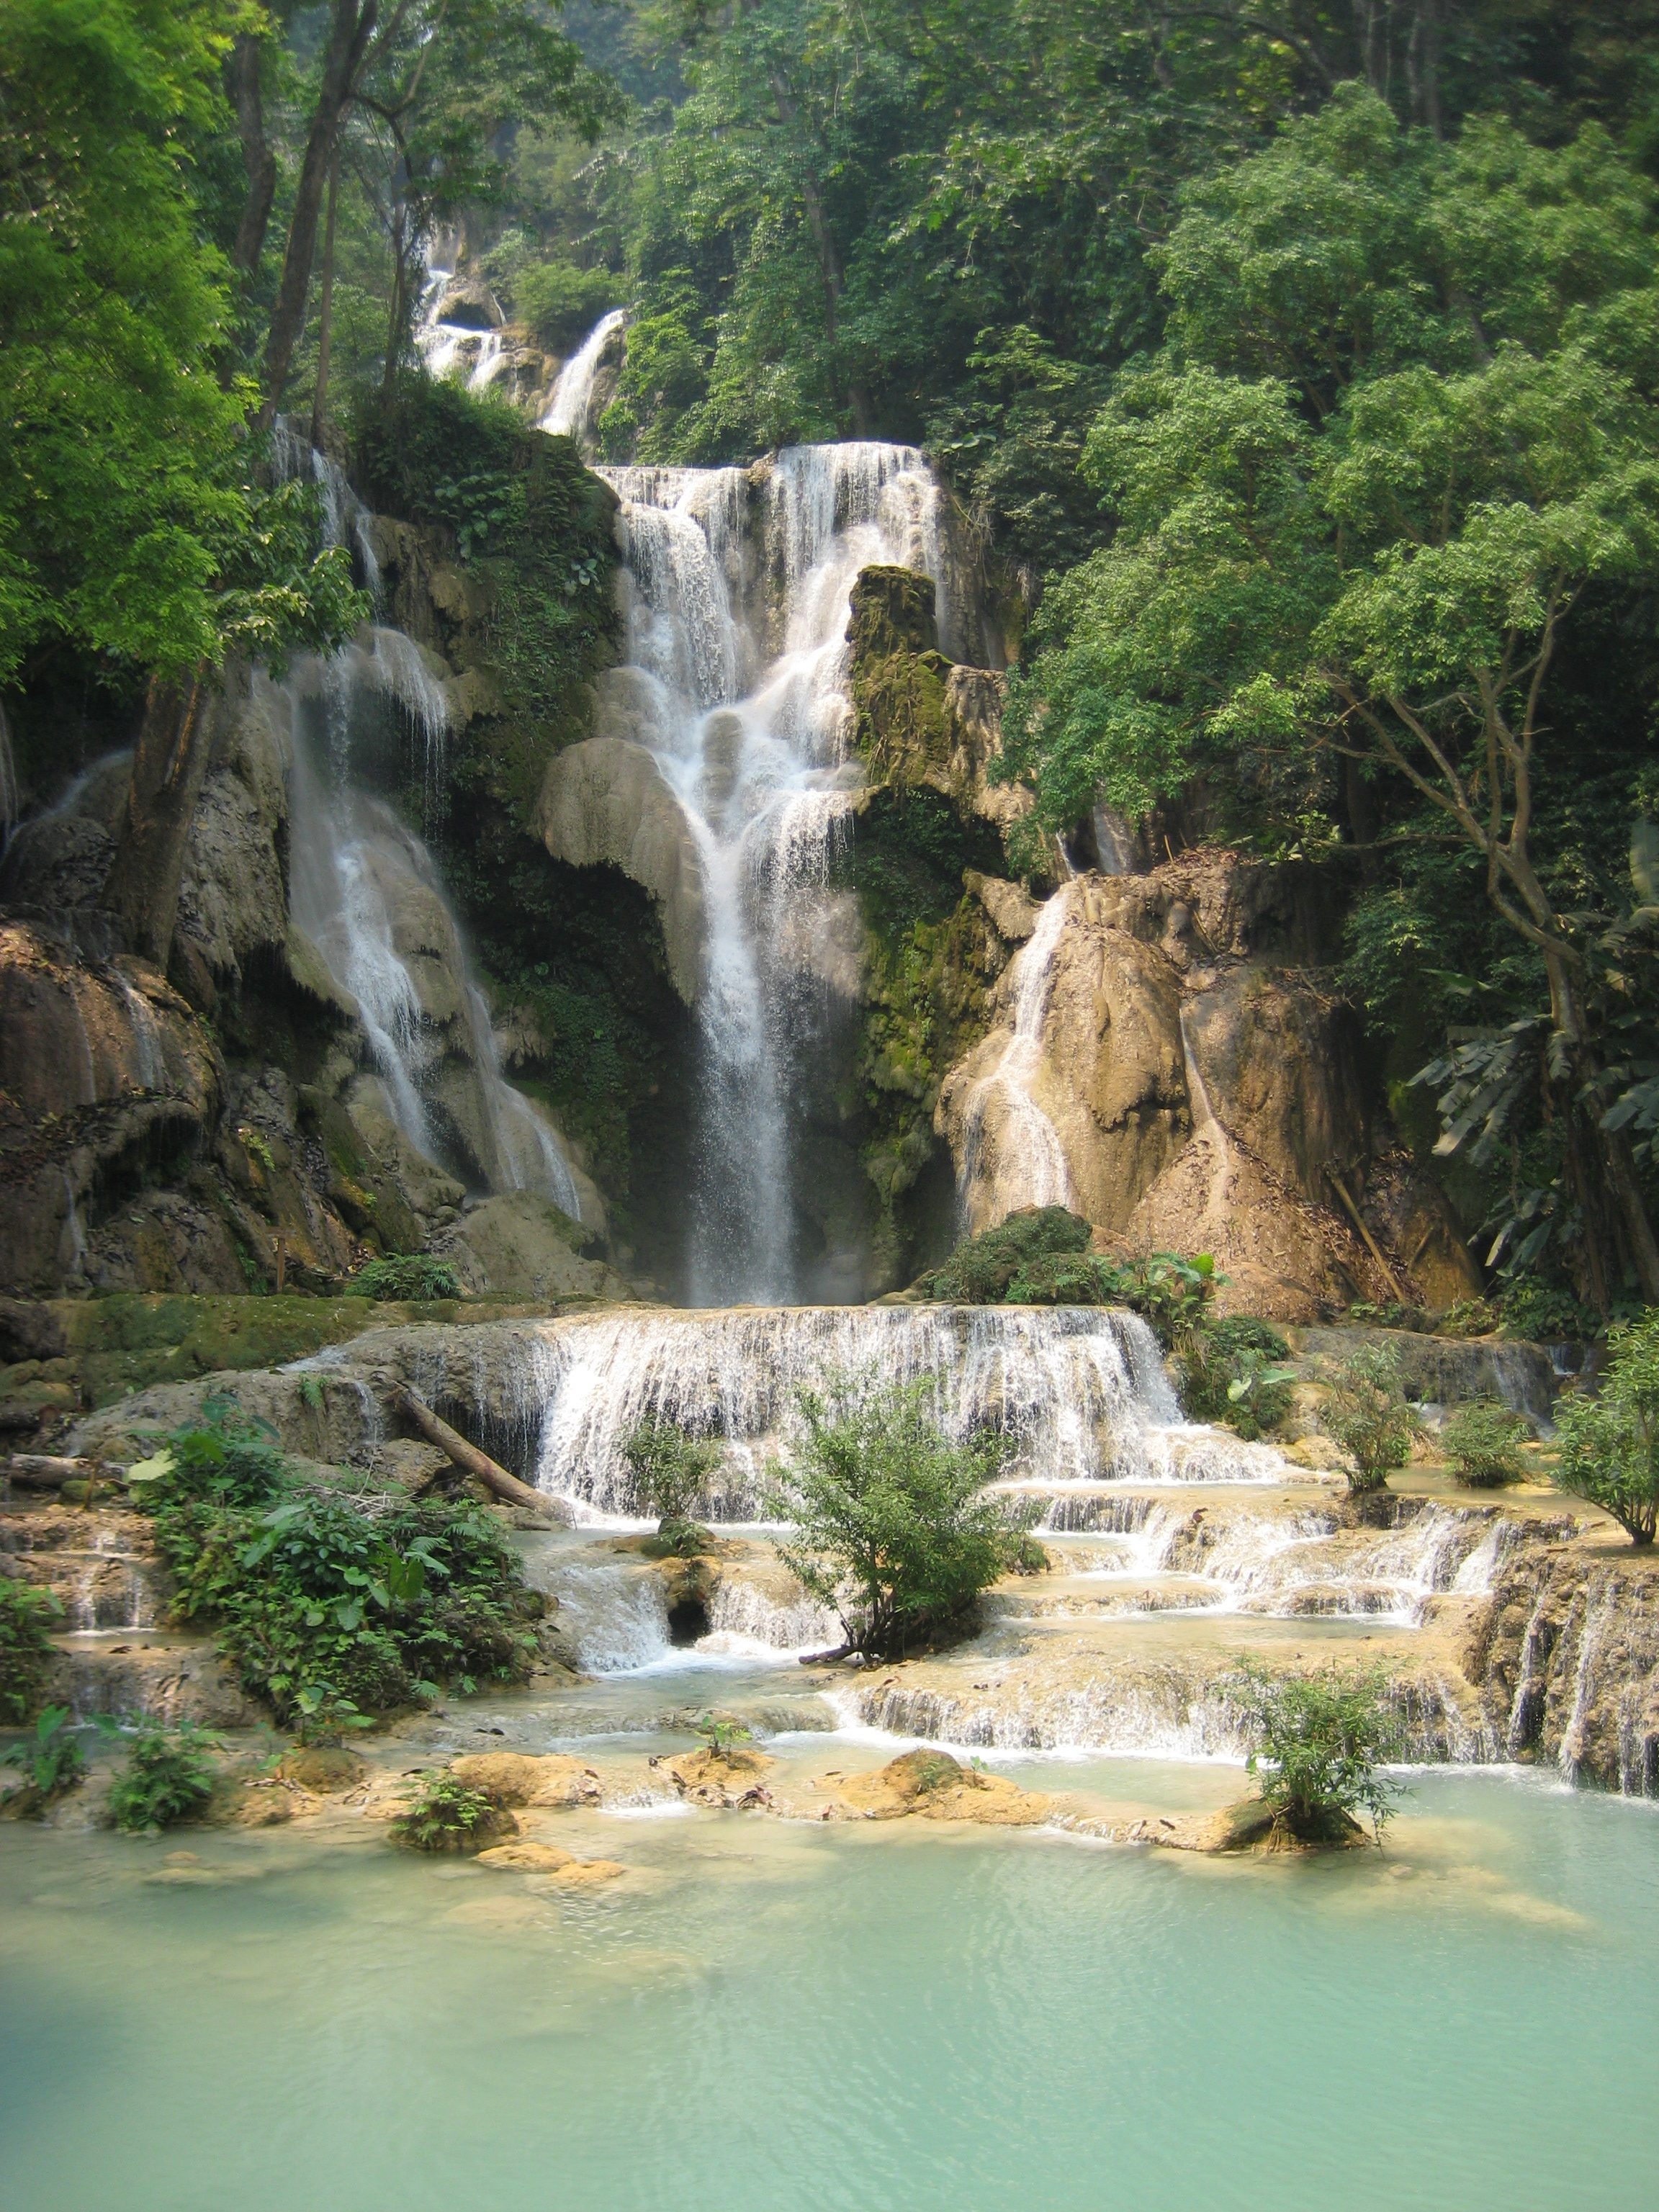 Kuang Xi Waterfall